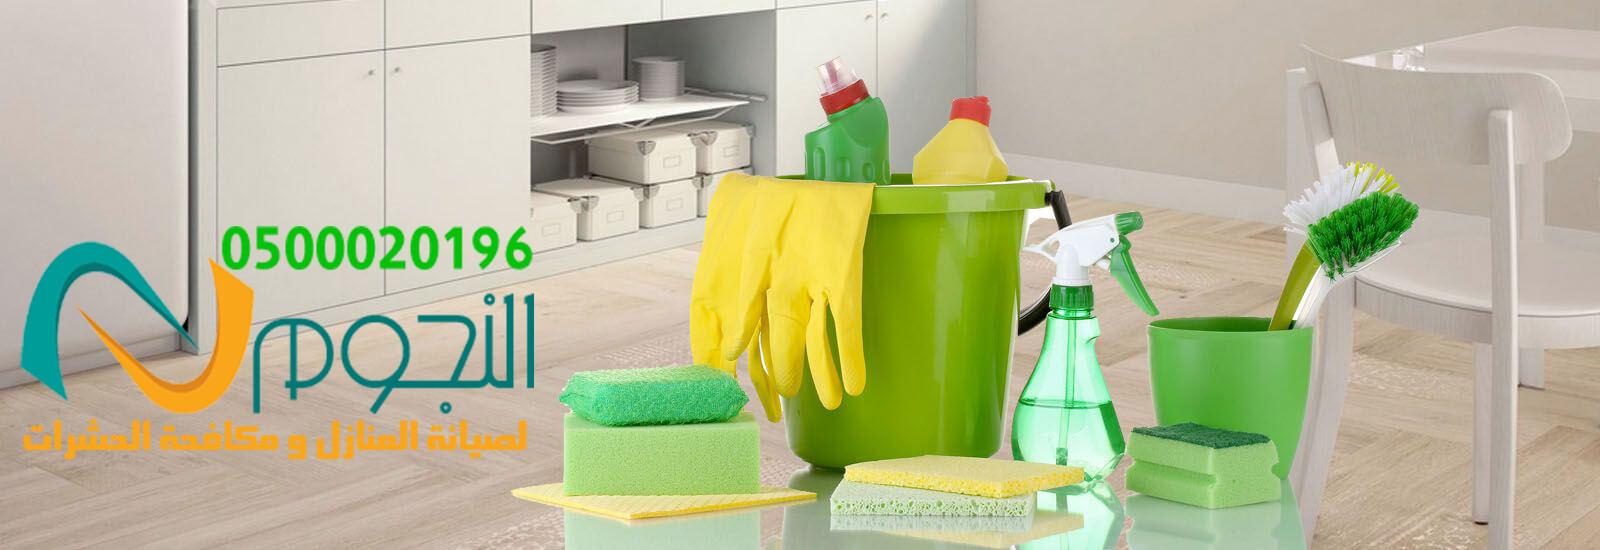 خطوات بسيطة لتنظيف المنزل